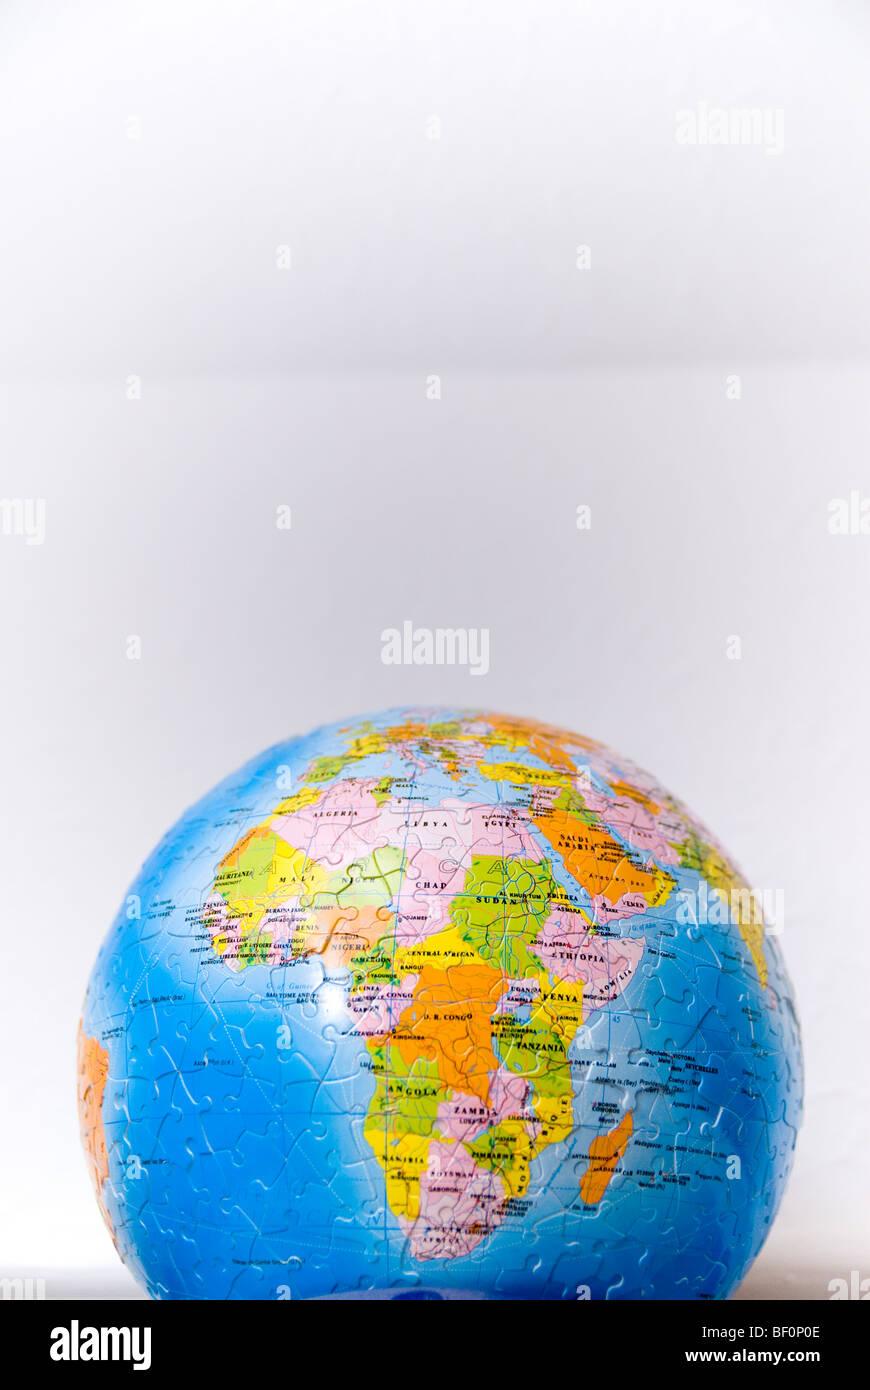 Afrika, dem Kontinent; gezeigt auf einem Globus der Welt (Puzzle) Stockbild